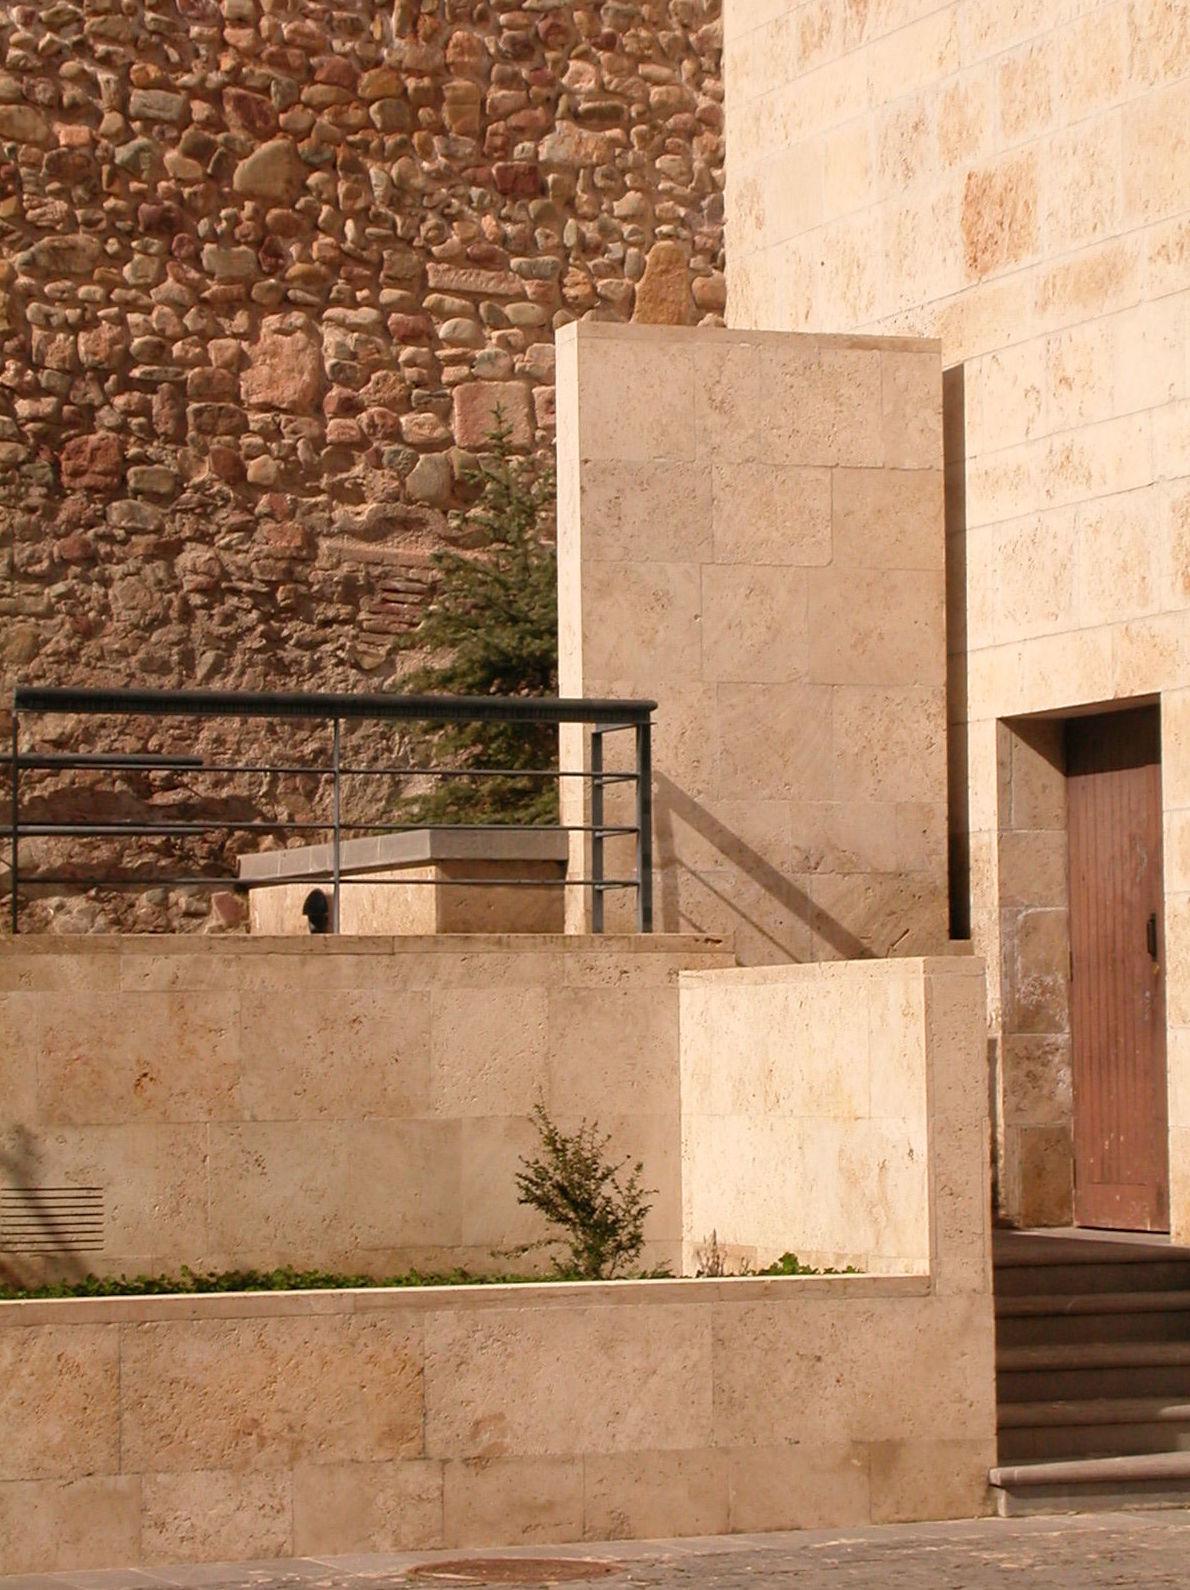 Foto 10 de Arquitectos en Zaragoza | Carlos Turégano Gastón - Arquitecto